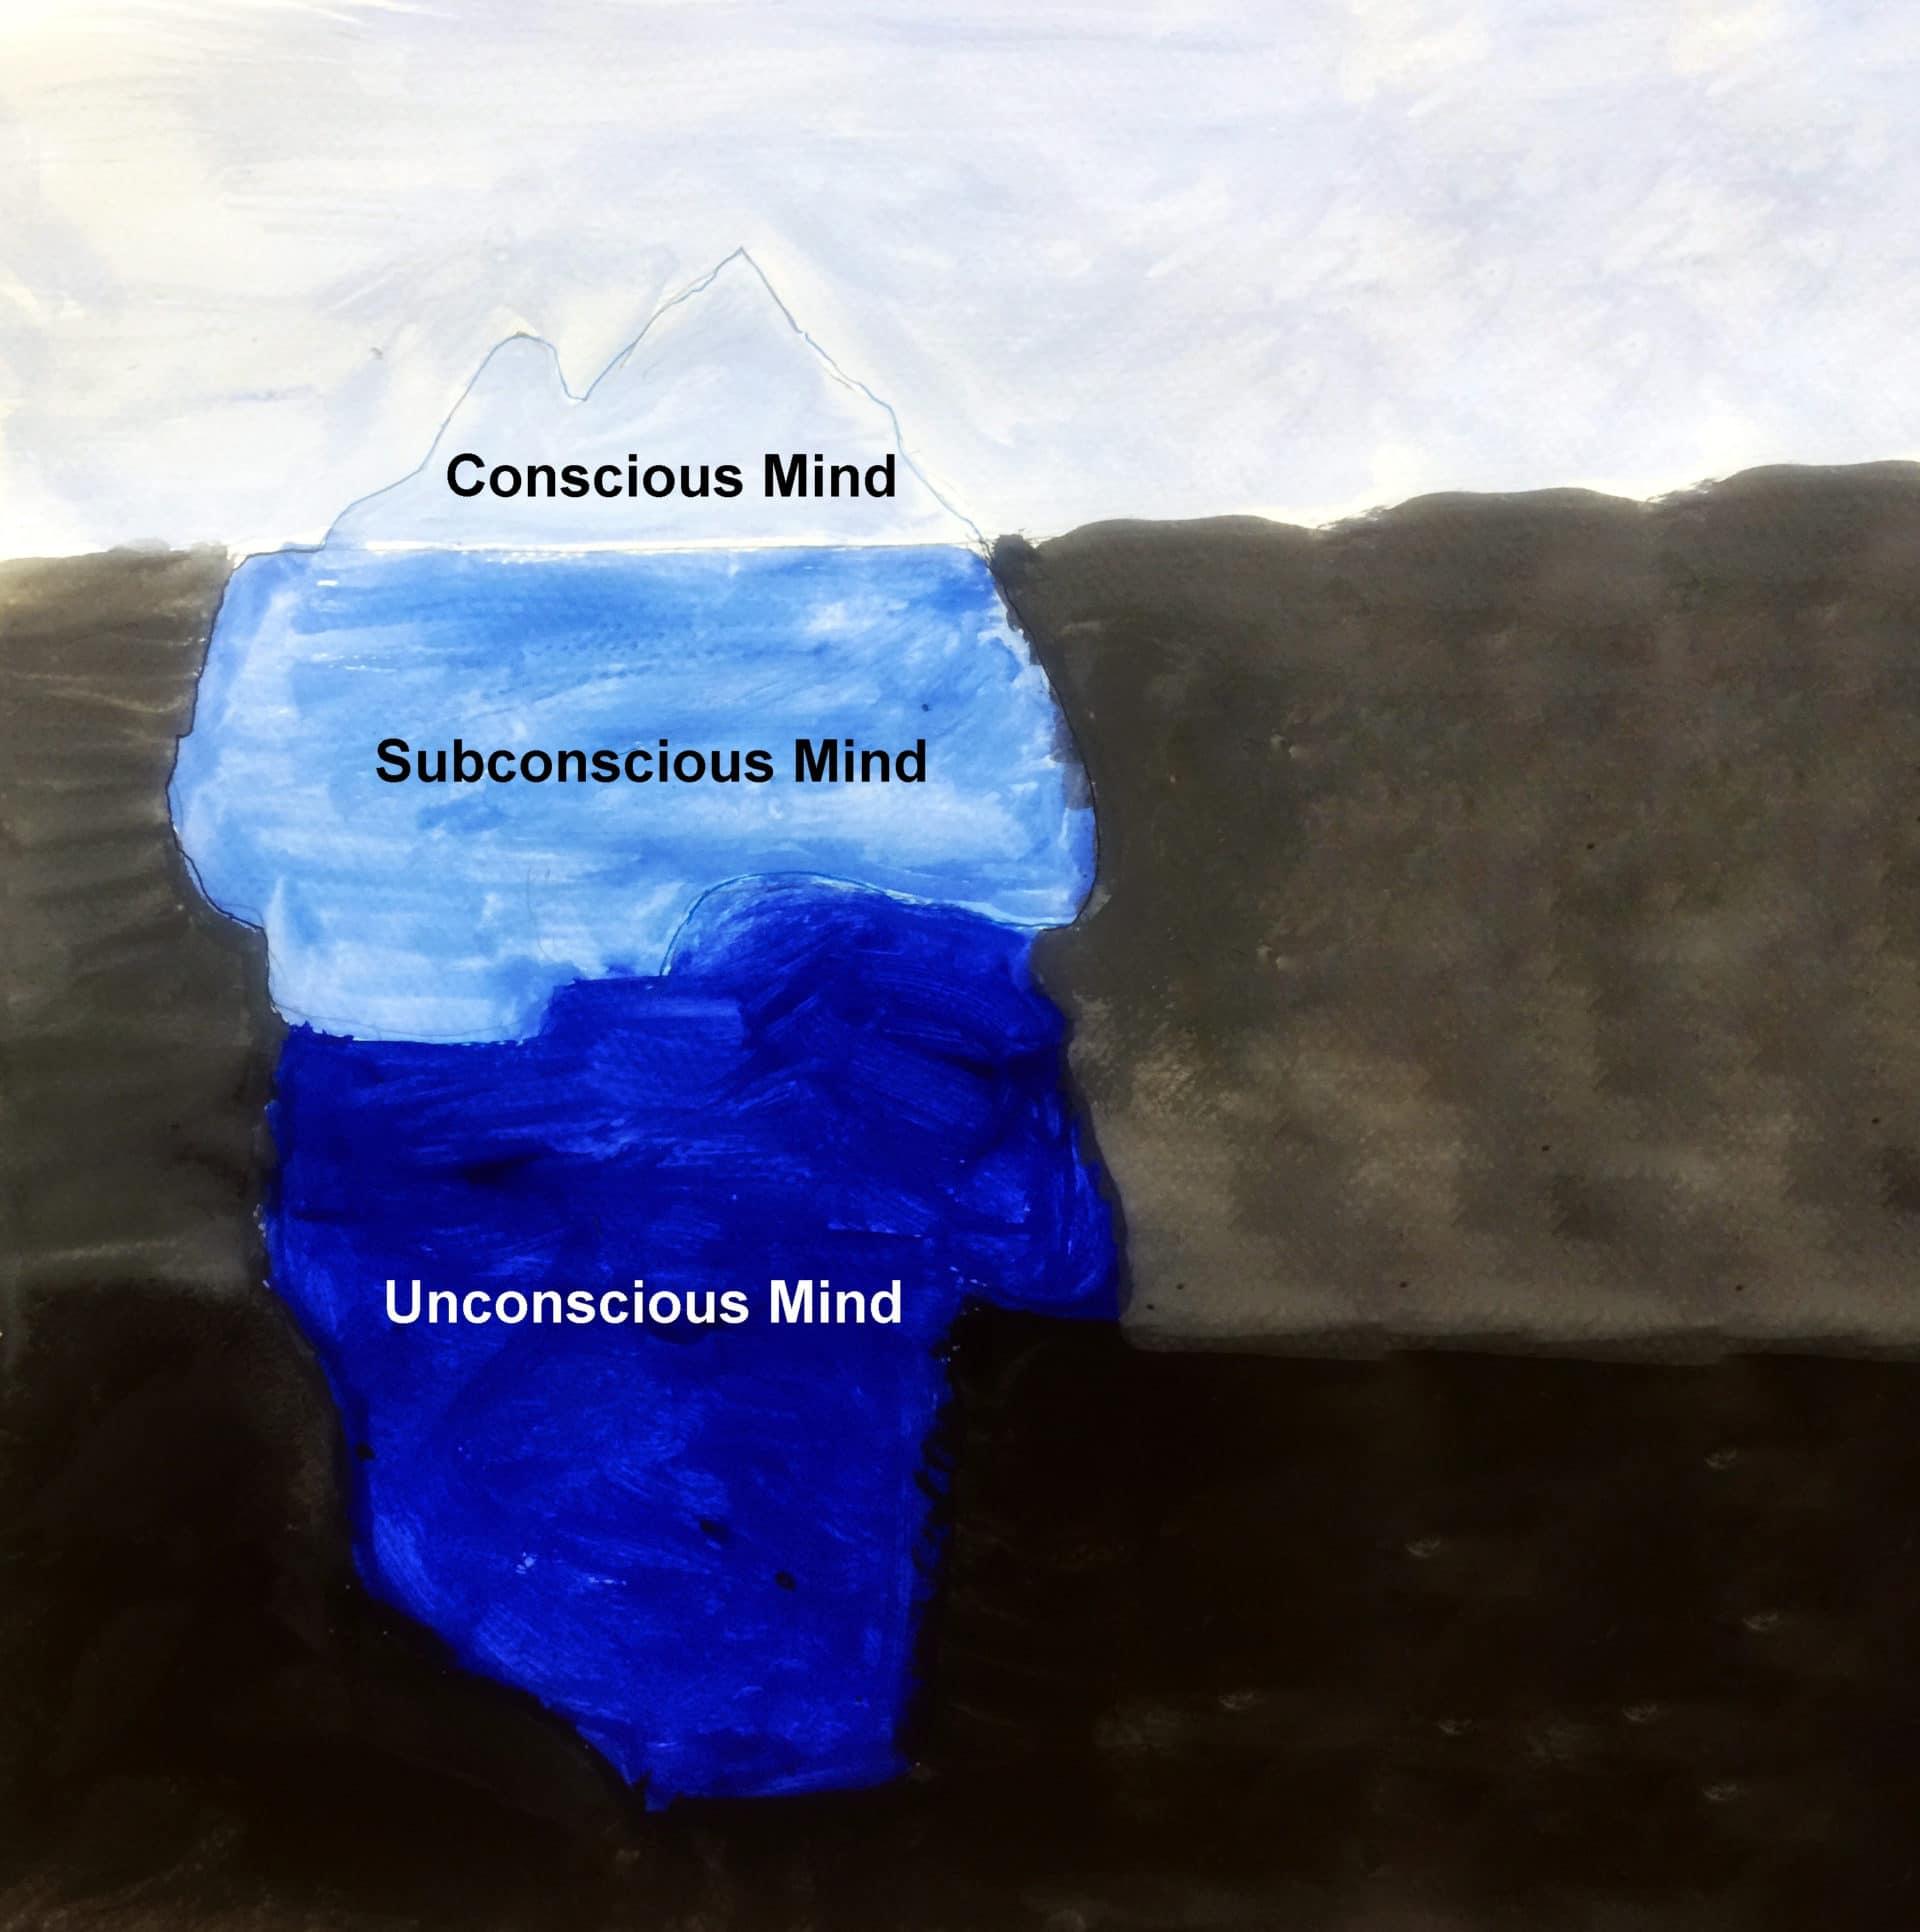 Les trois niveaux de l'esprit : conscient, subconscient et inconscient